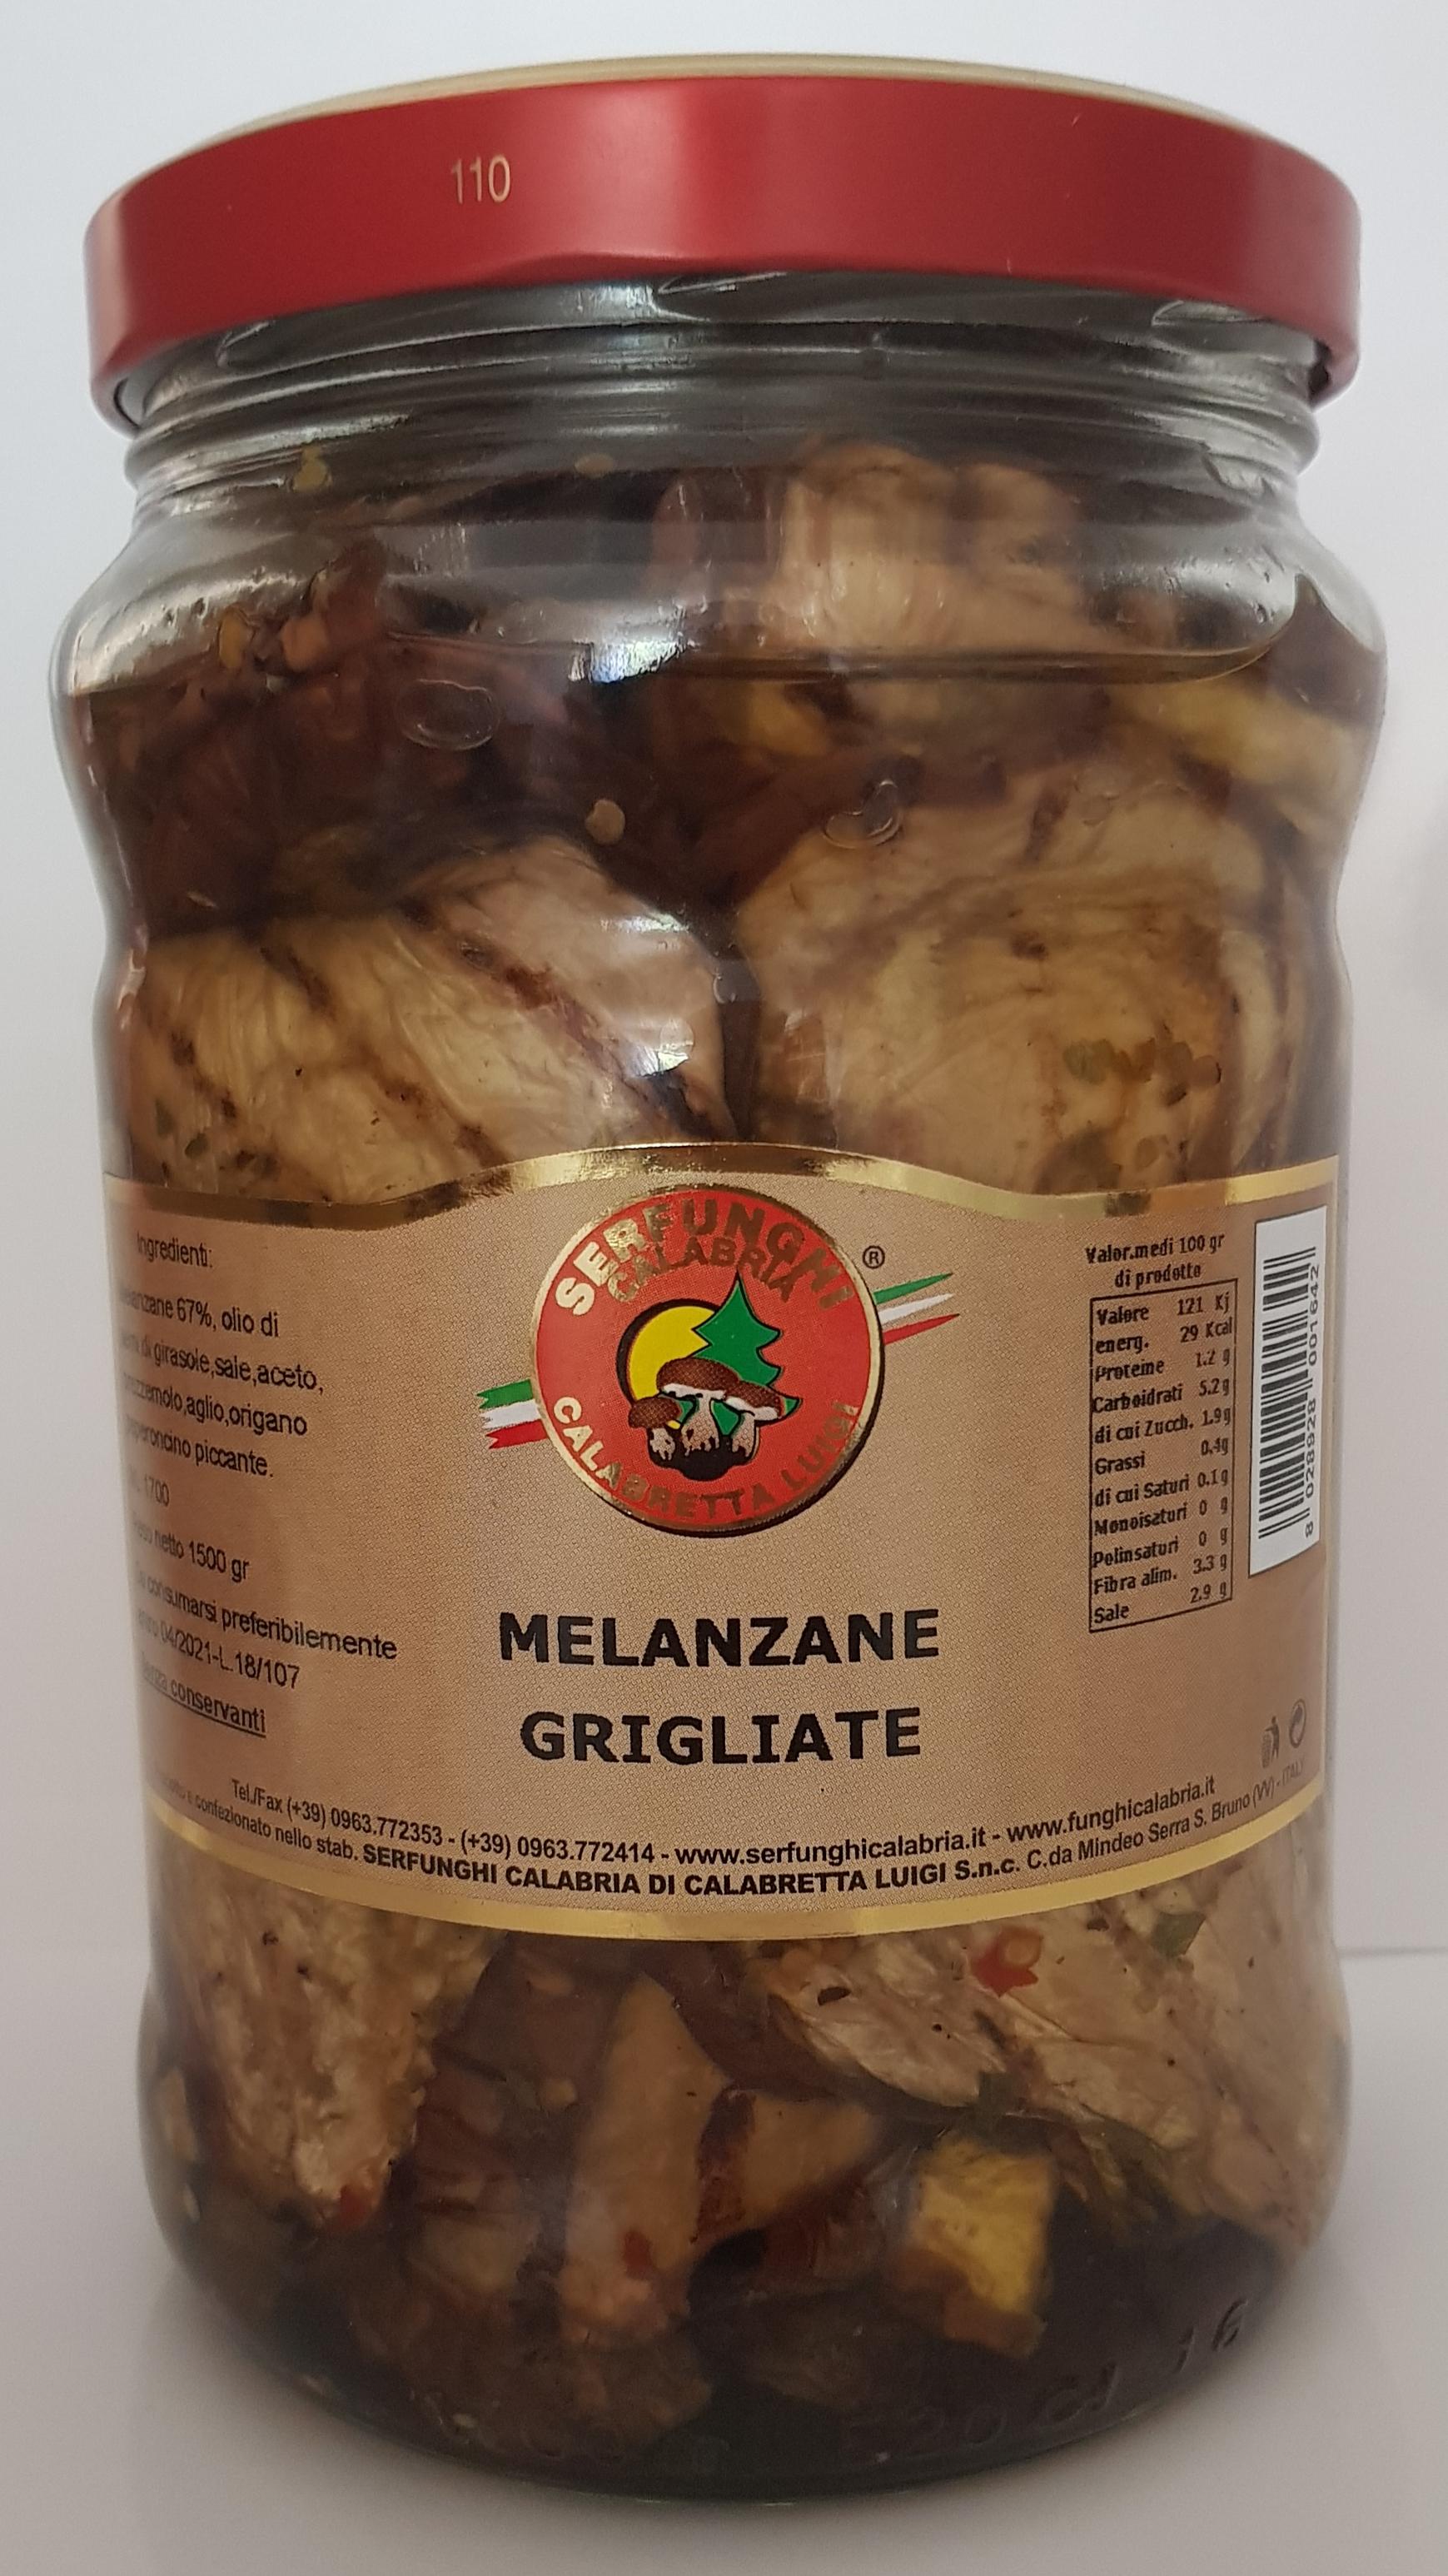 MELANZANE GRIGLIATE ML580-1700